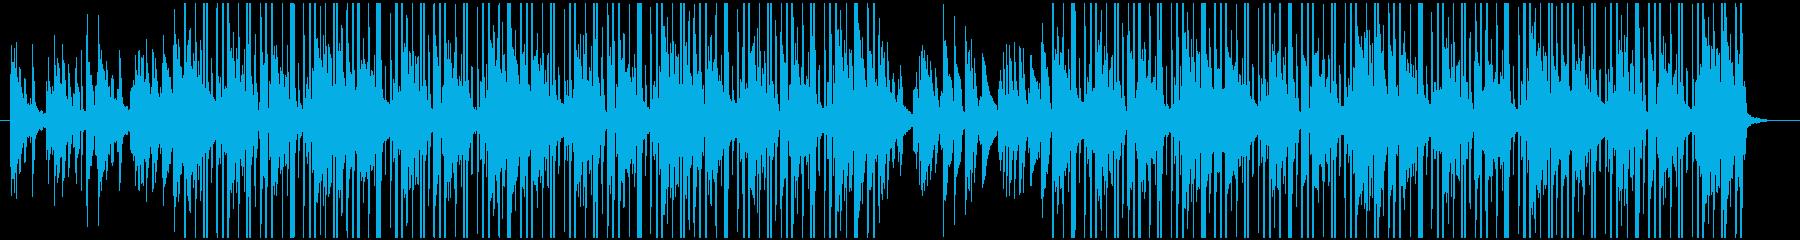 ピアノメインのLo-Fi Hip Hopの再生済みの波形